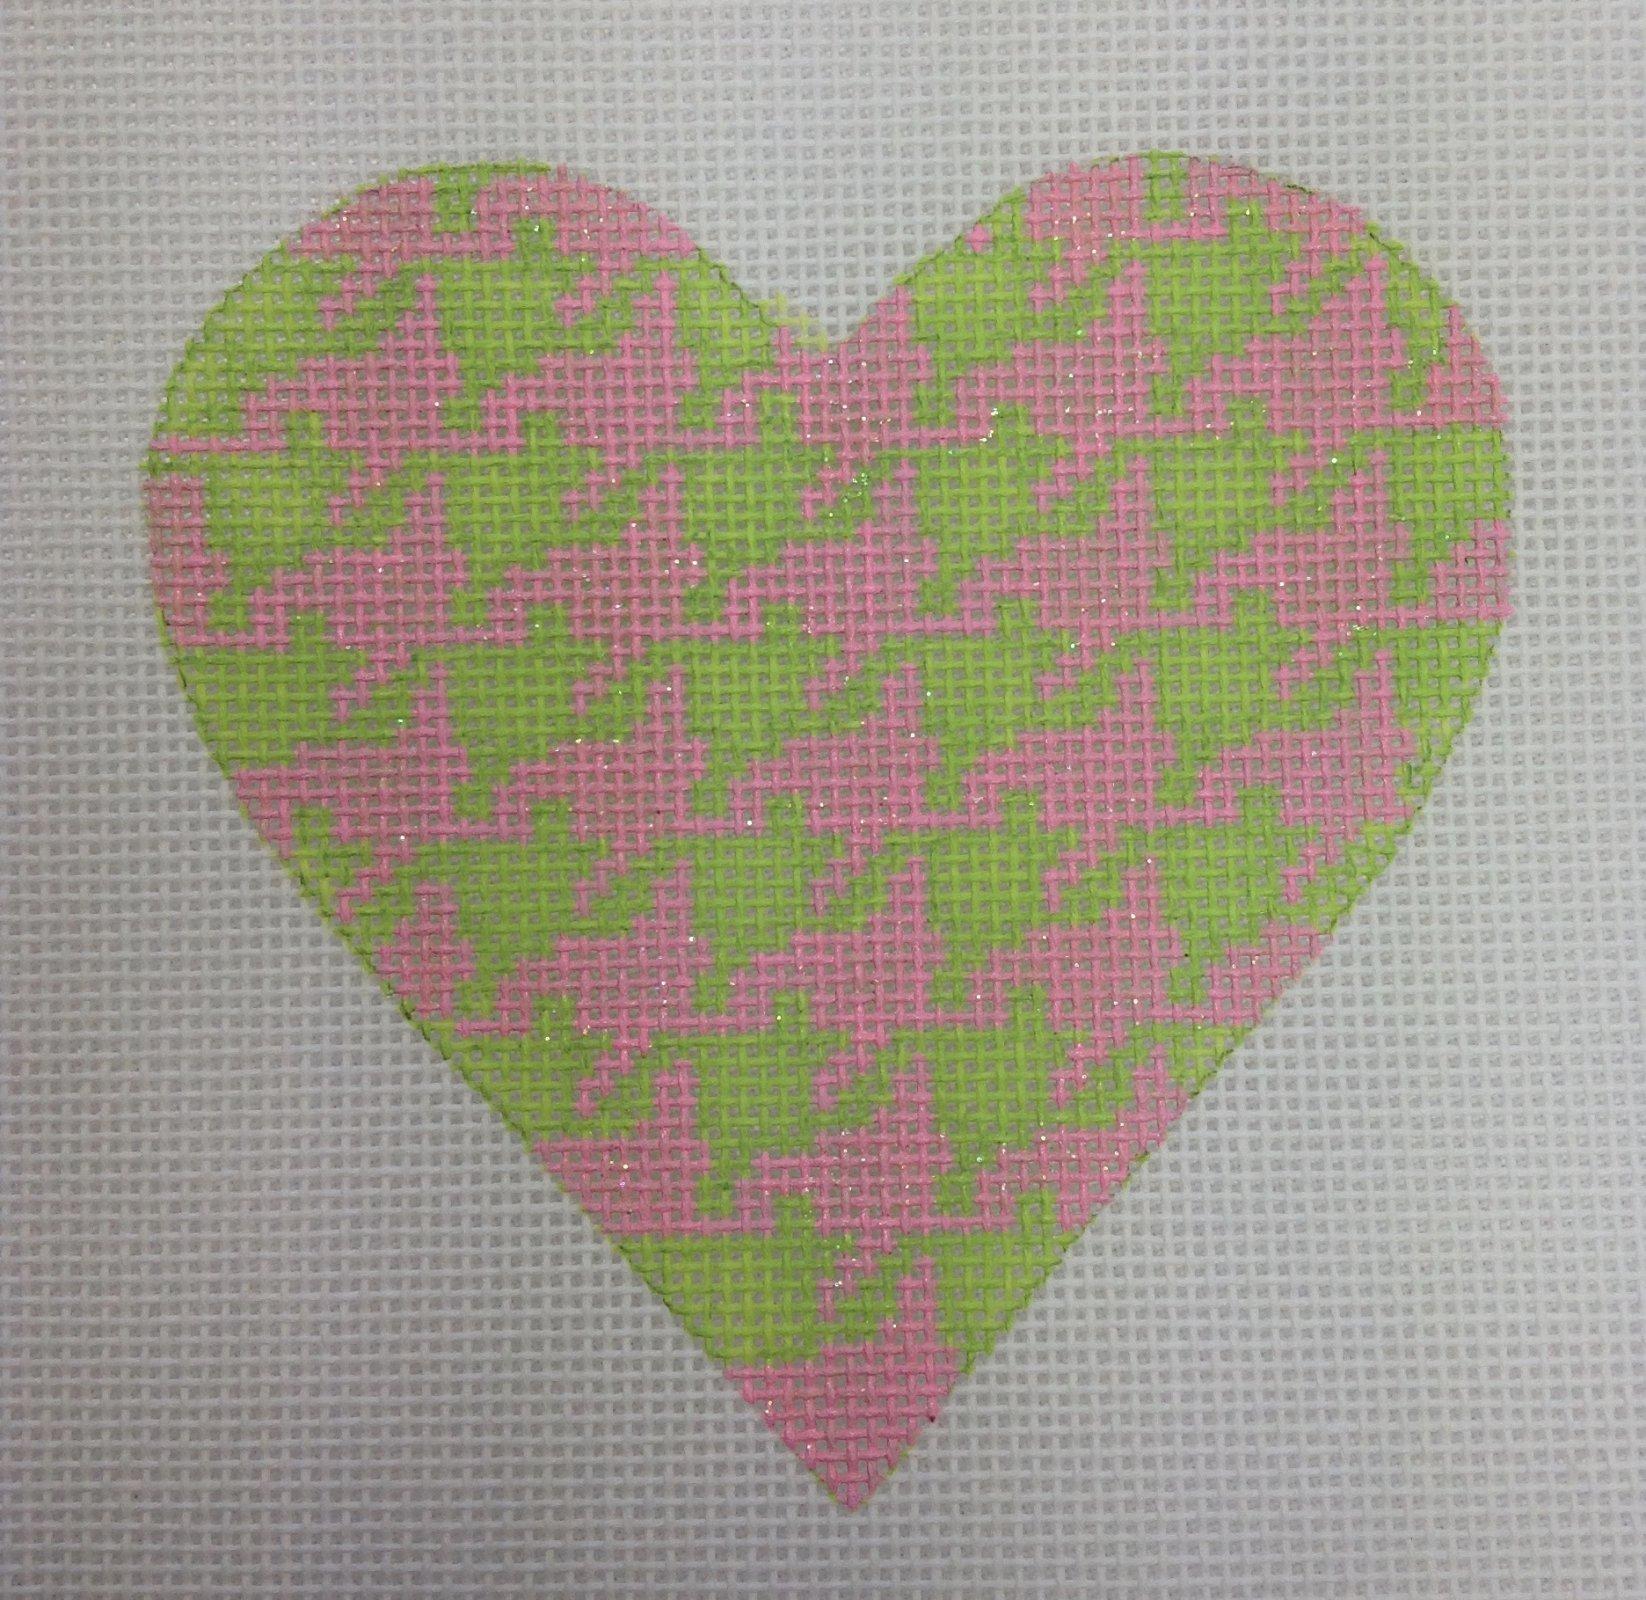 pink & green heart